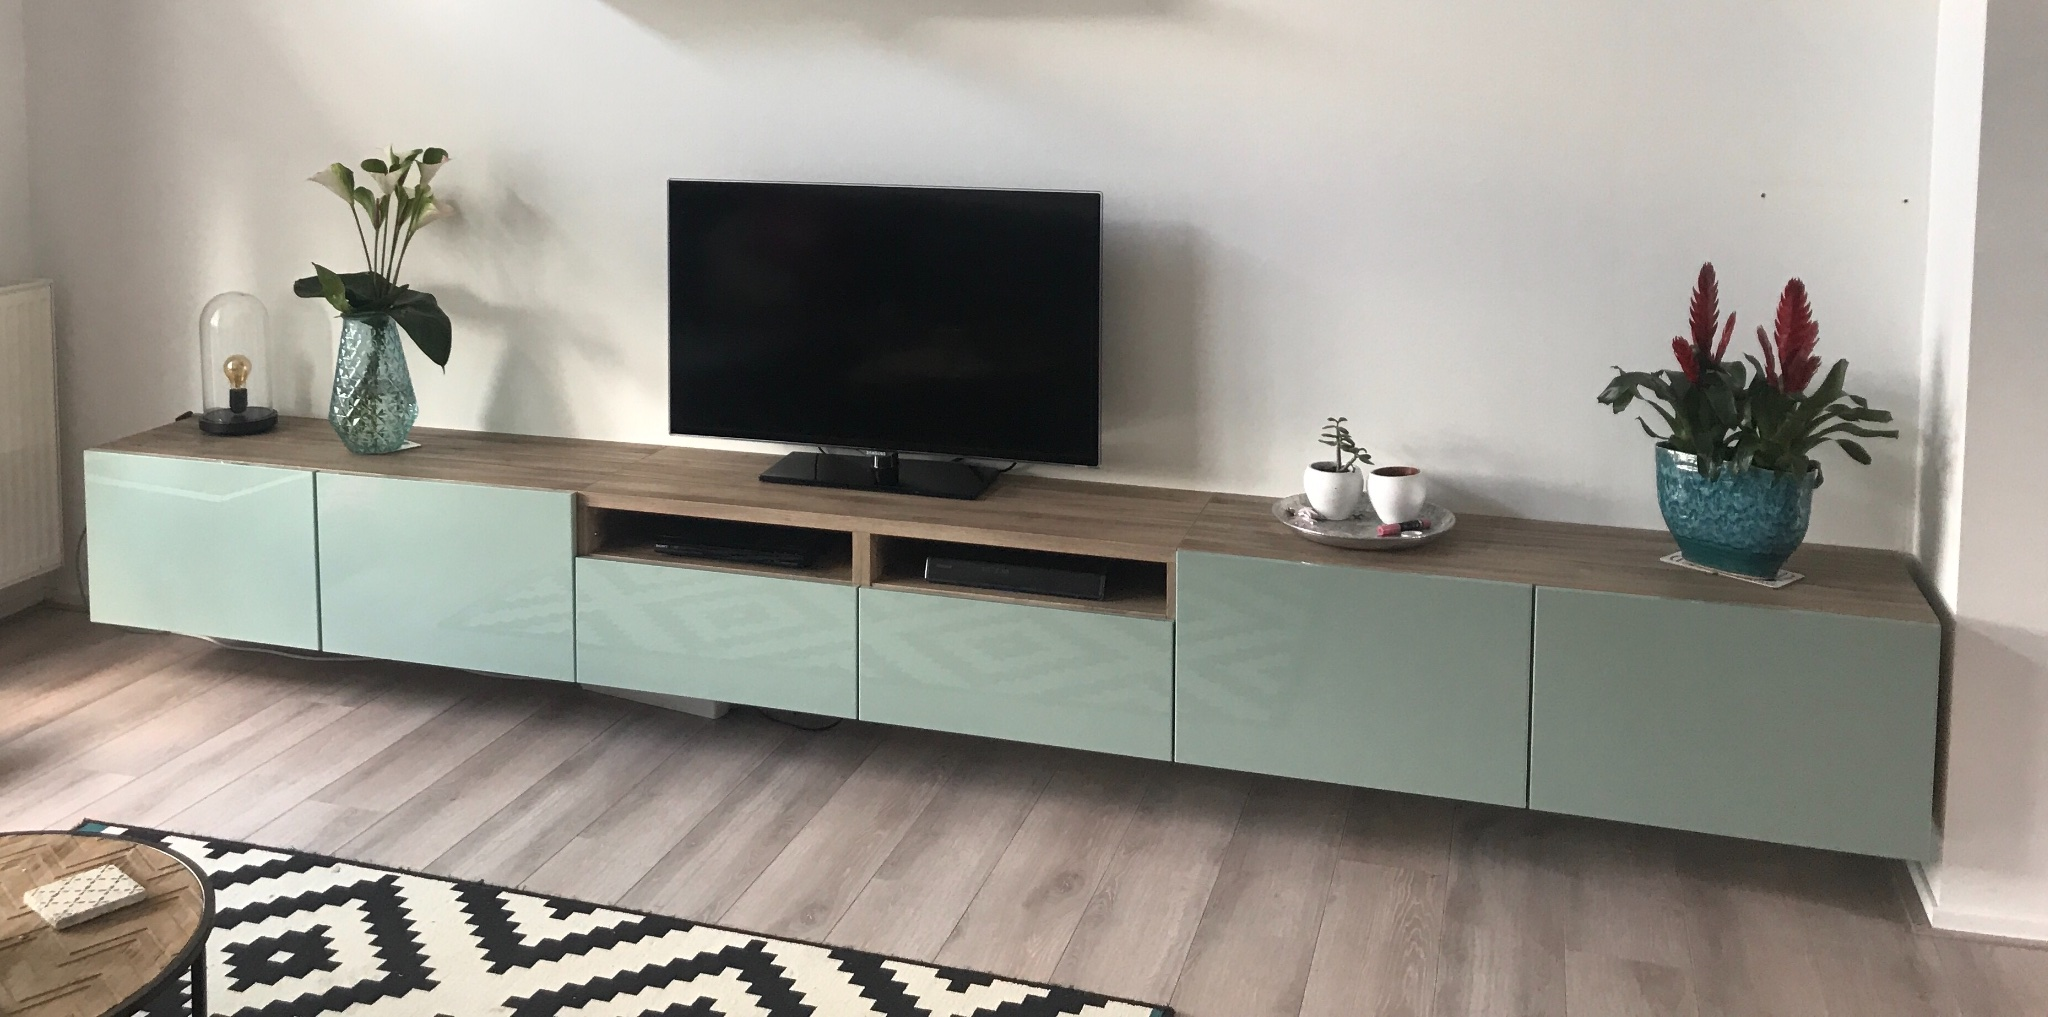 Tv Meubel Ophangen.Ikea Besta Tv Meubel En Dressoir In Elkaar Zetten En Zwevend